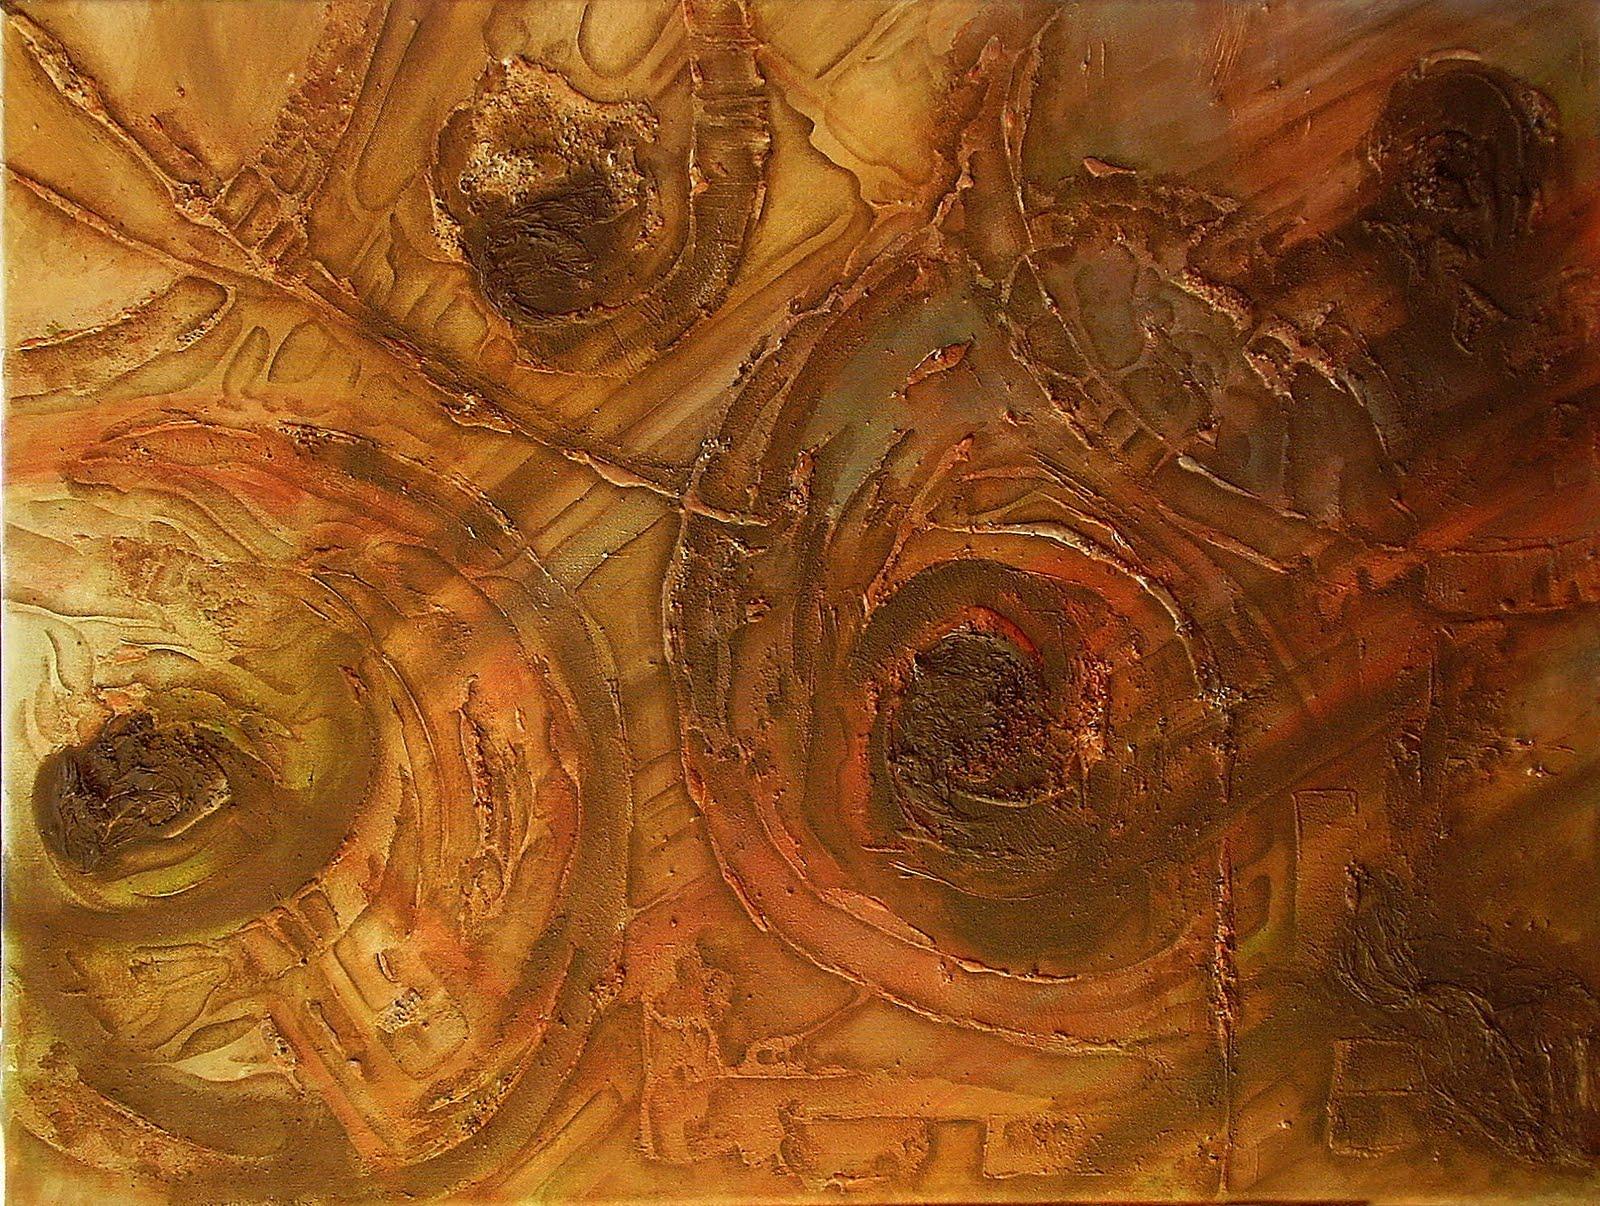 Cuadros abstractos alegres juveniles muy modernos car for Imagenes cuadros abstractos juveniles